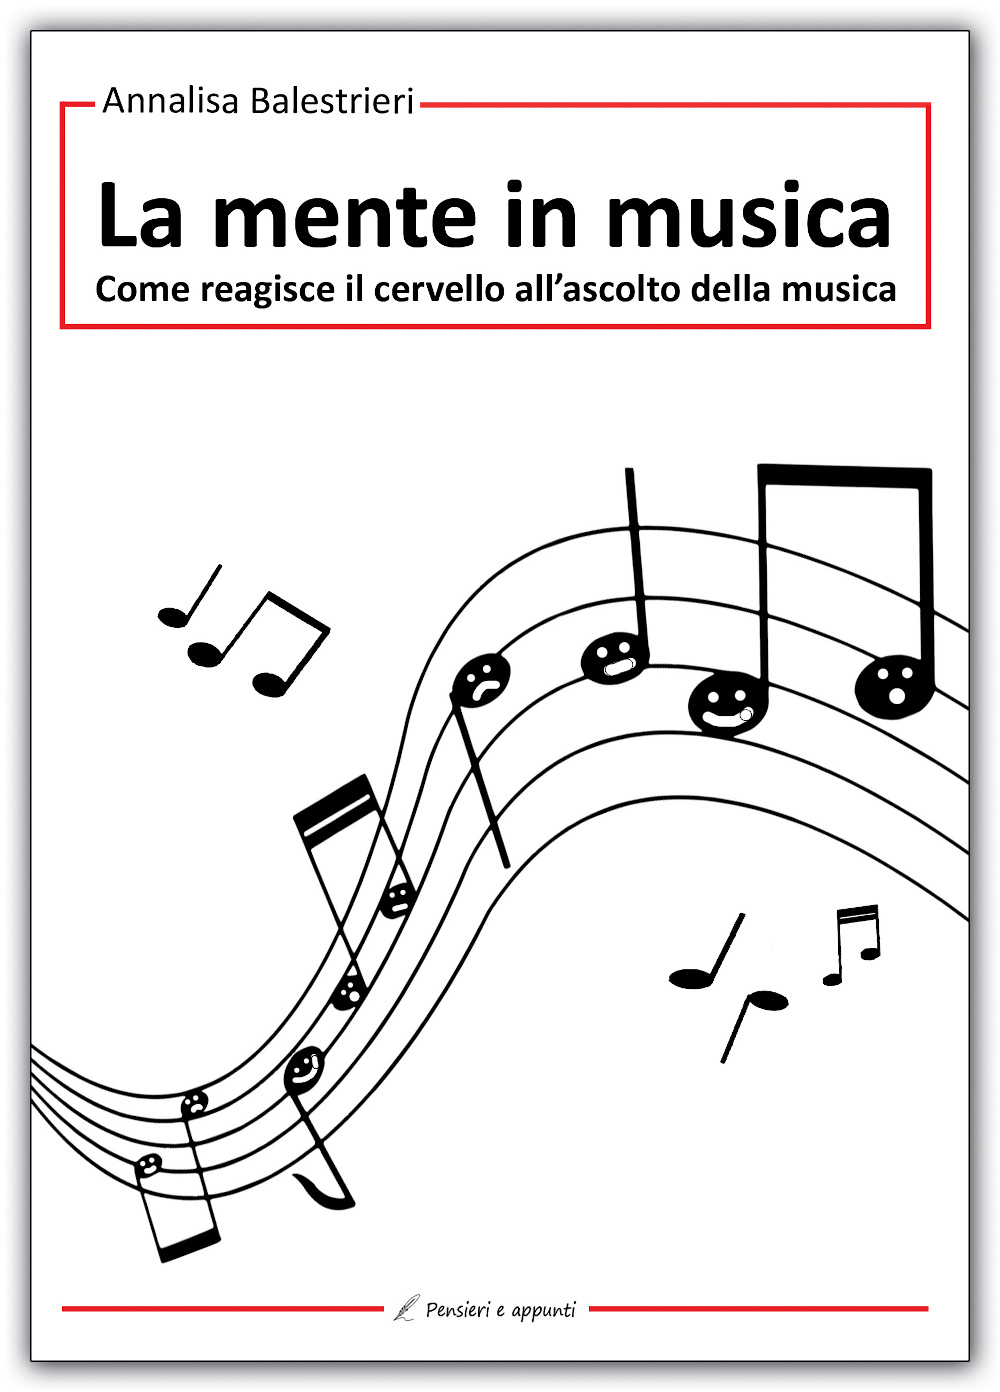 La mente in musica. Come reagisce il cervello all'ascolto della musica (2021) di Annalisa Balestrieri – Recensione del libro